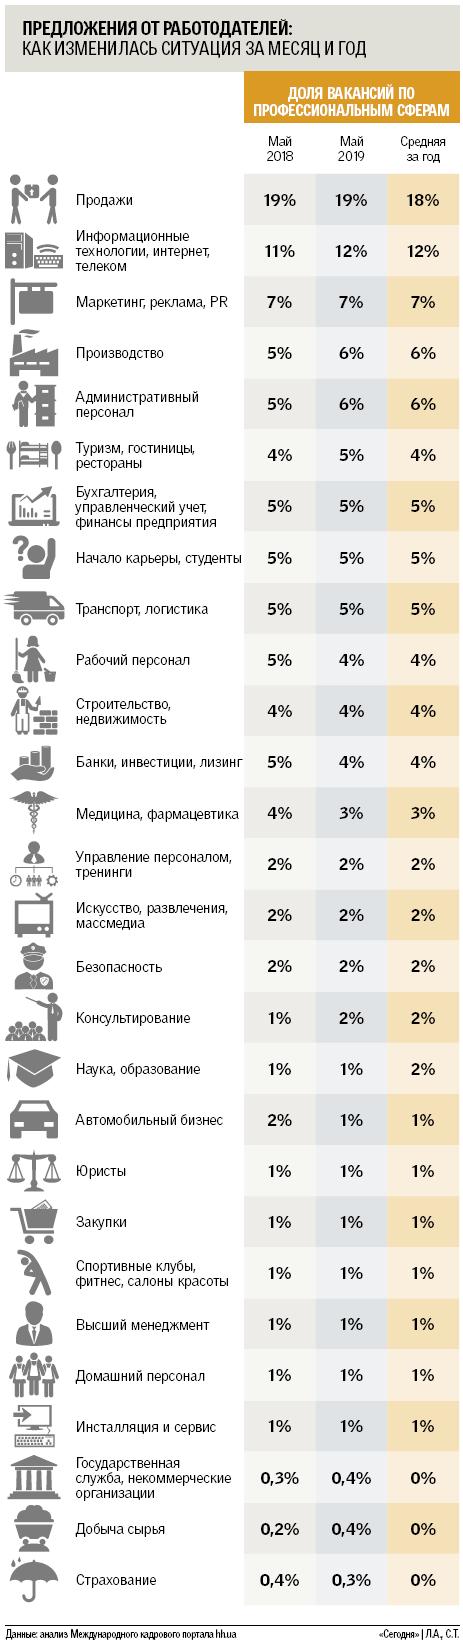 Сієста на ринку праці в Україні: багато вакансій тільки для тих, хто без досвіду і трактористів, фото-2